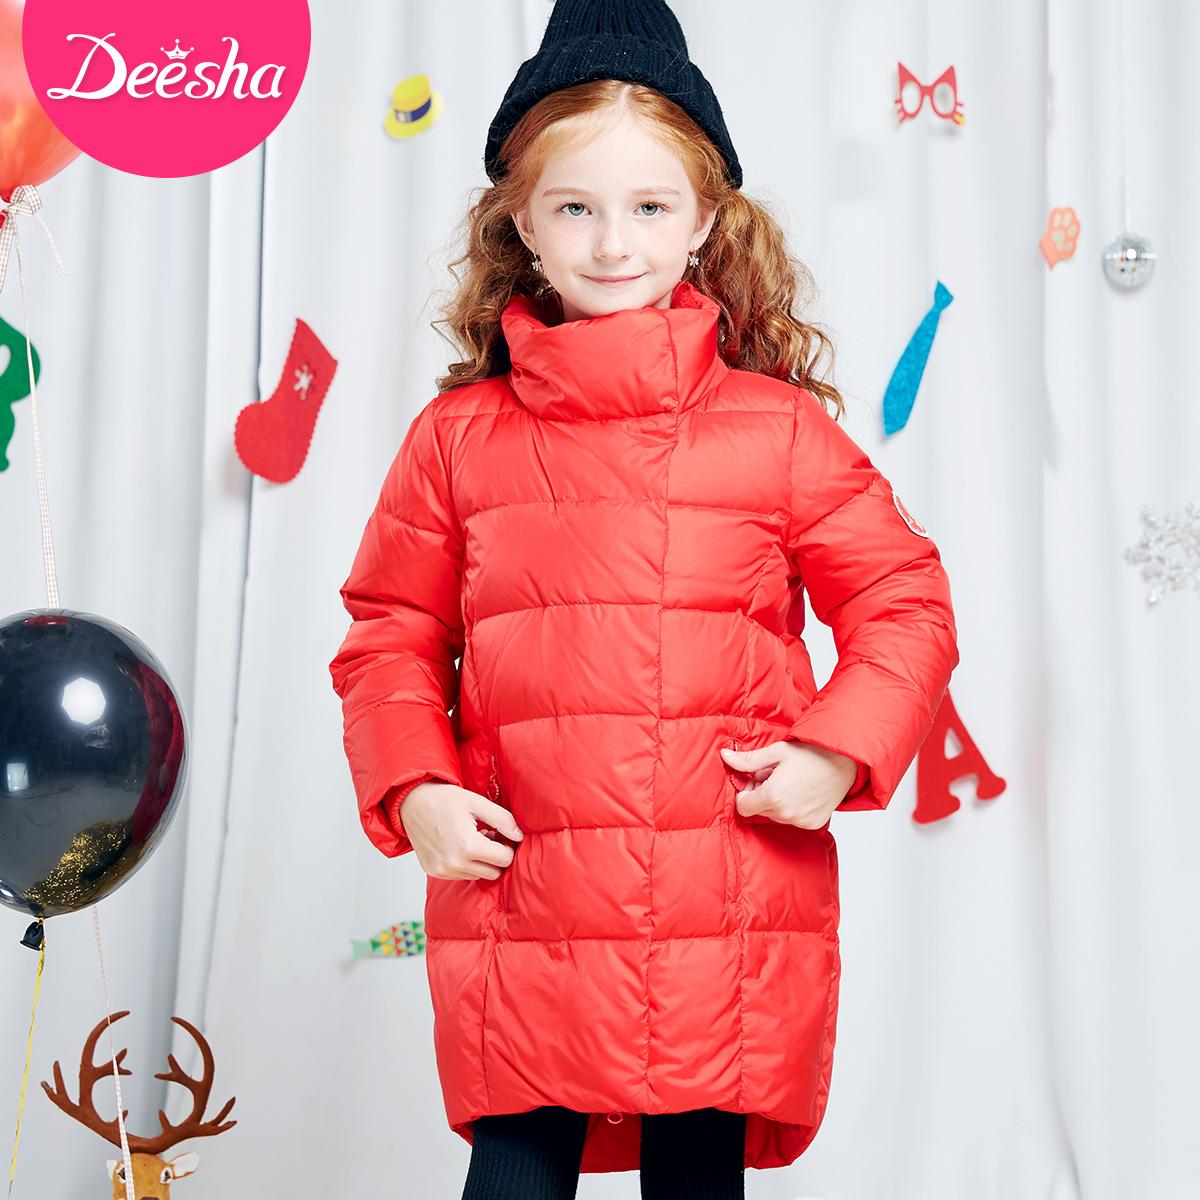 Флейта крахмал саго ребятишки девочки куртка 2016 новый зимний осенний в больших детей уютный пальто ребенок модный, подходит ко всему зима